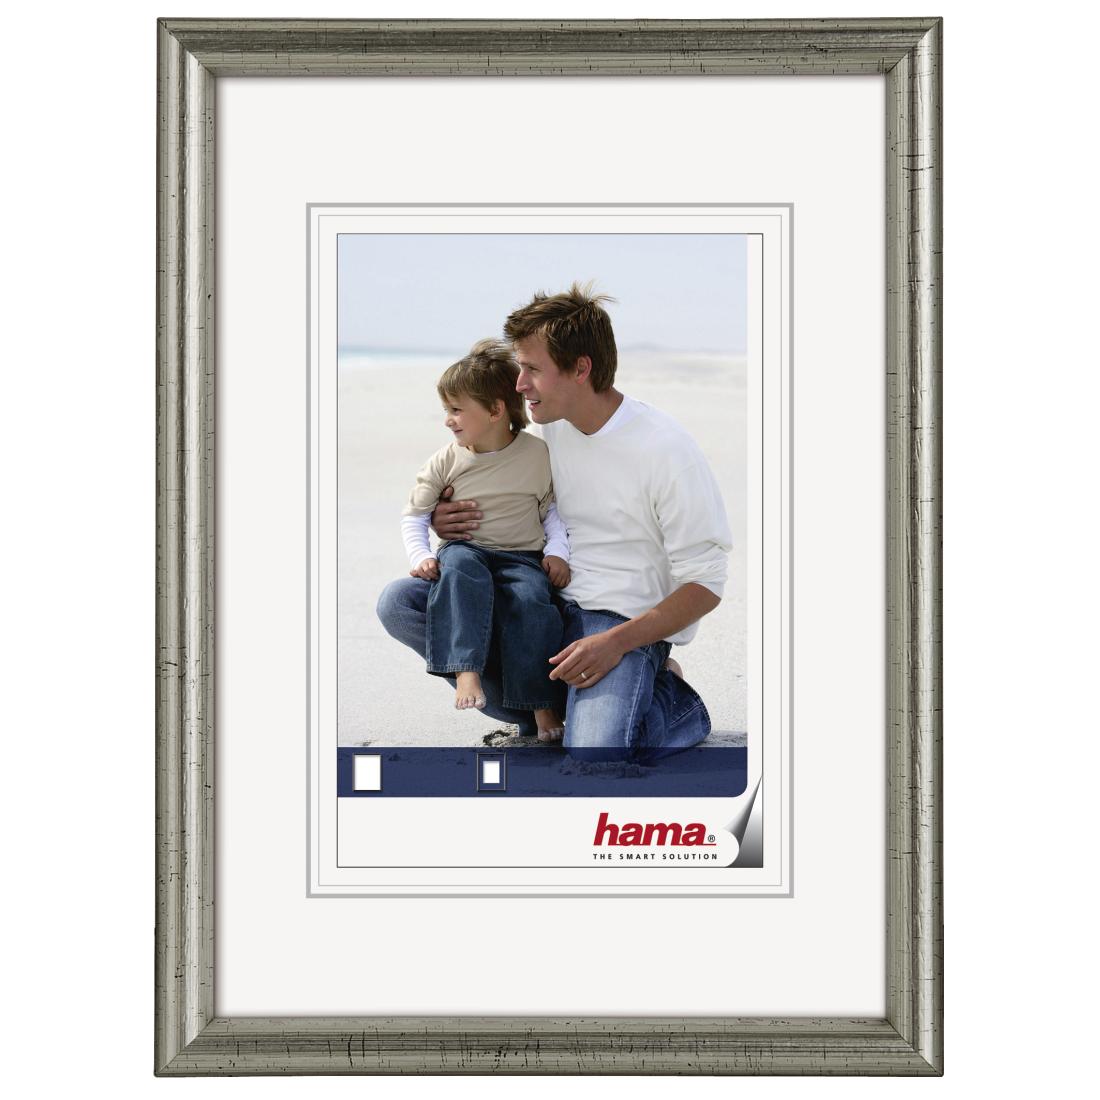 hama.com   00064902 Hama Wooden Frame \